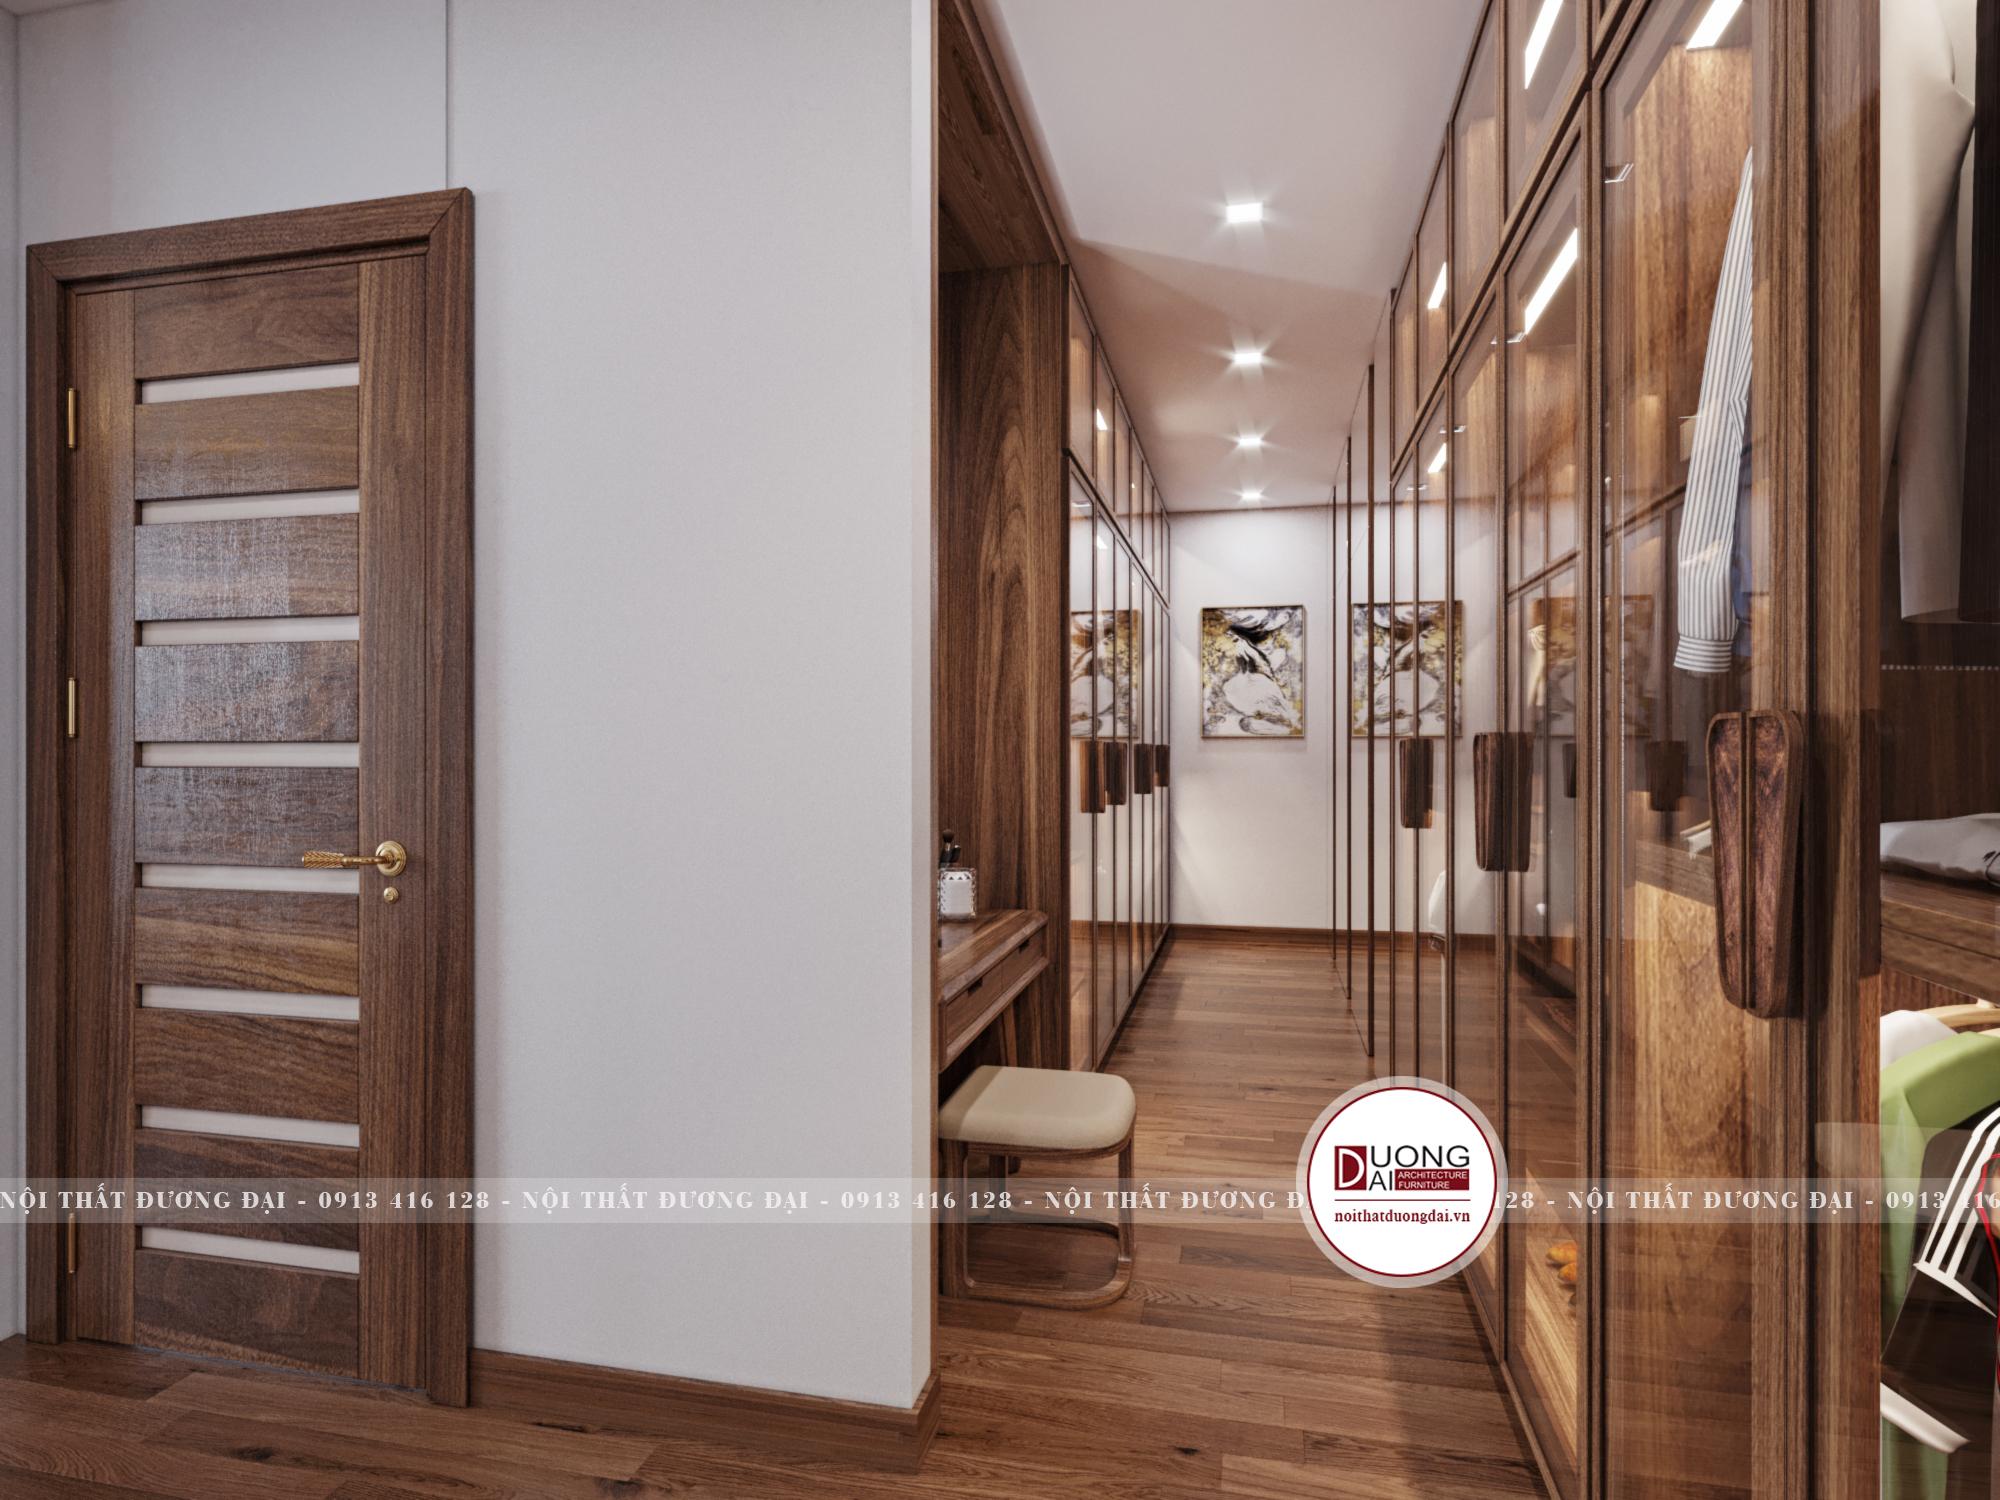 Thiết kế nội thất Chung Cư tại Hà Nội SKY VILLA 01 TẦNG 2 1632153747 7